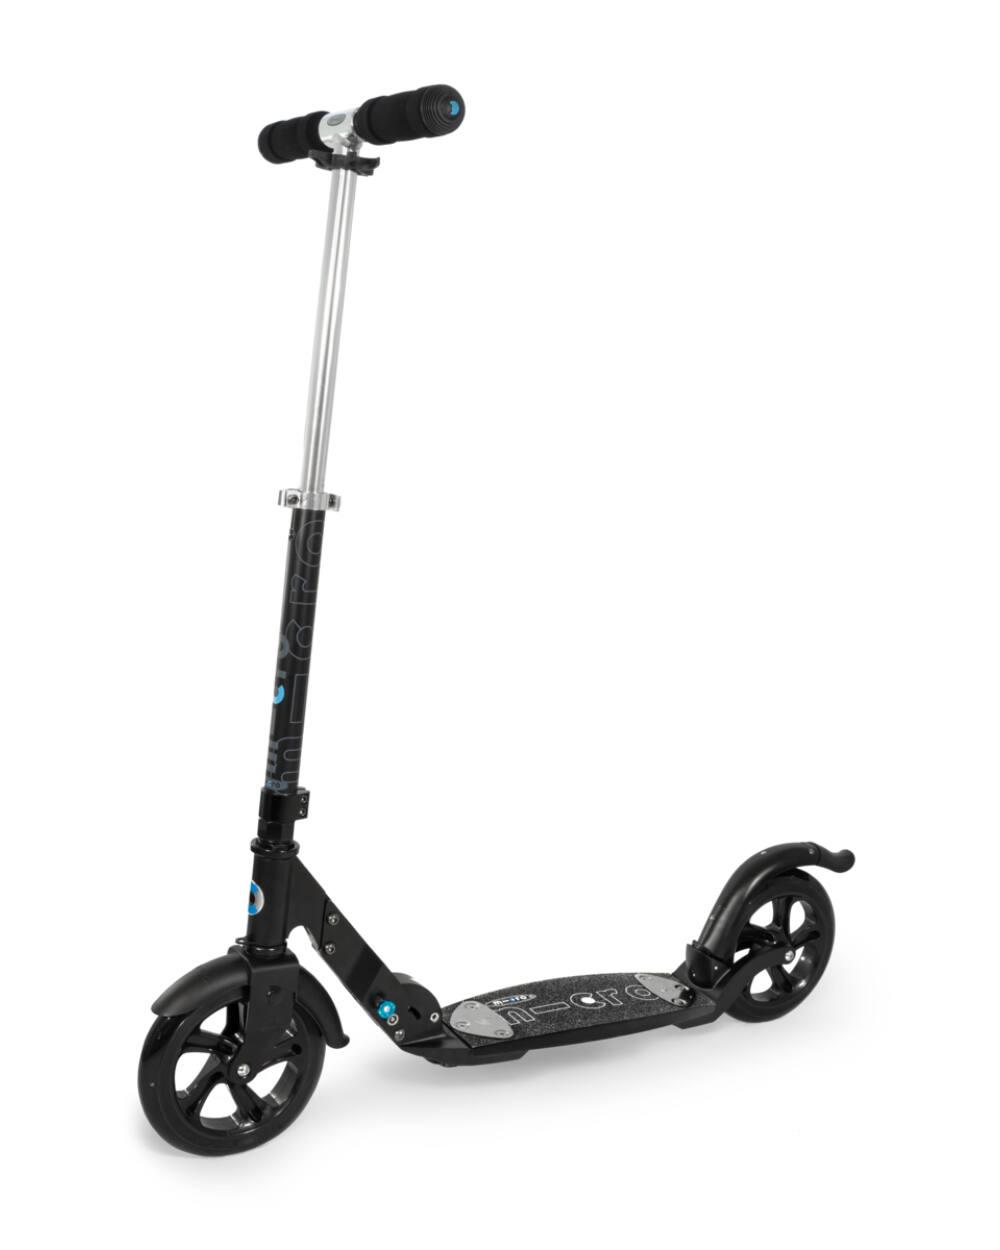 Micro Flex Deluxe városi roller 200mm kerekekkel, matt fekete